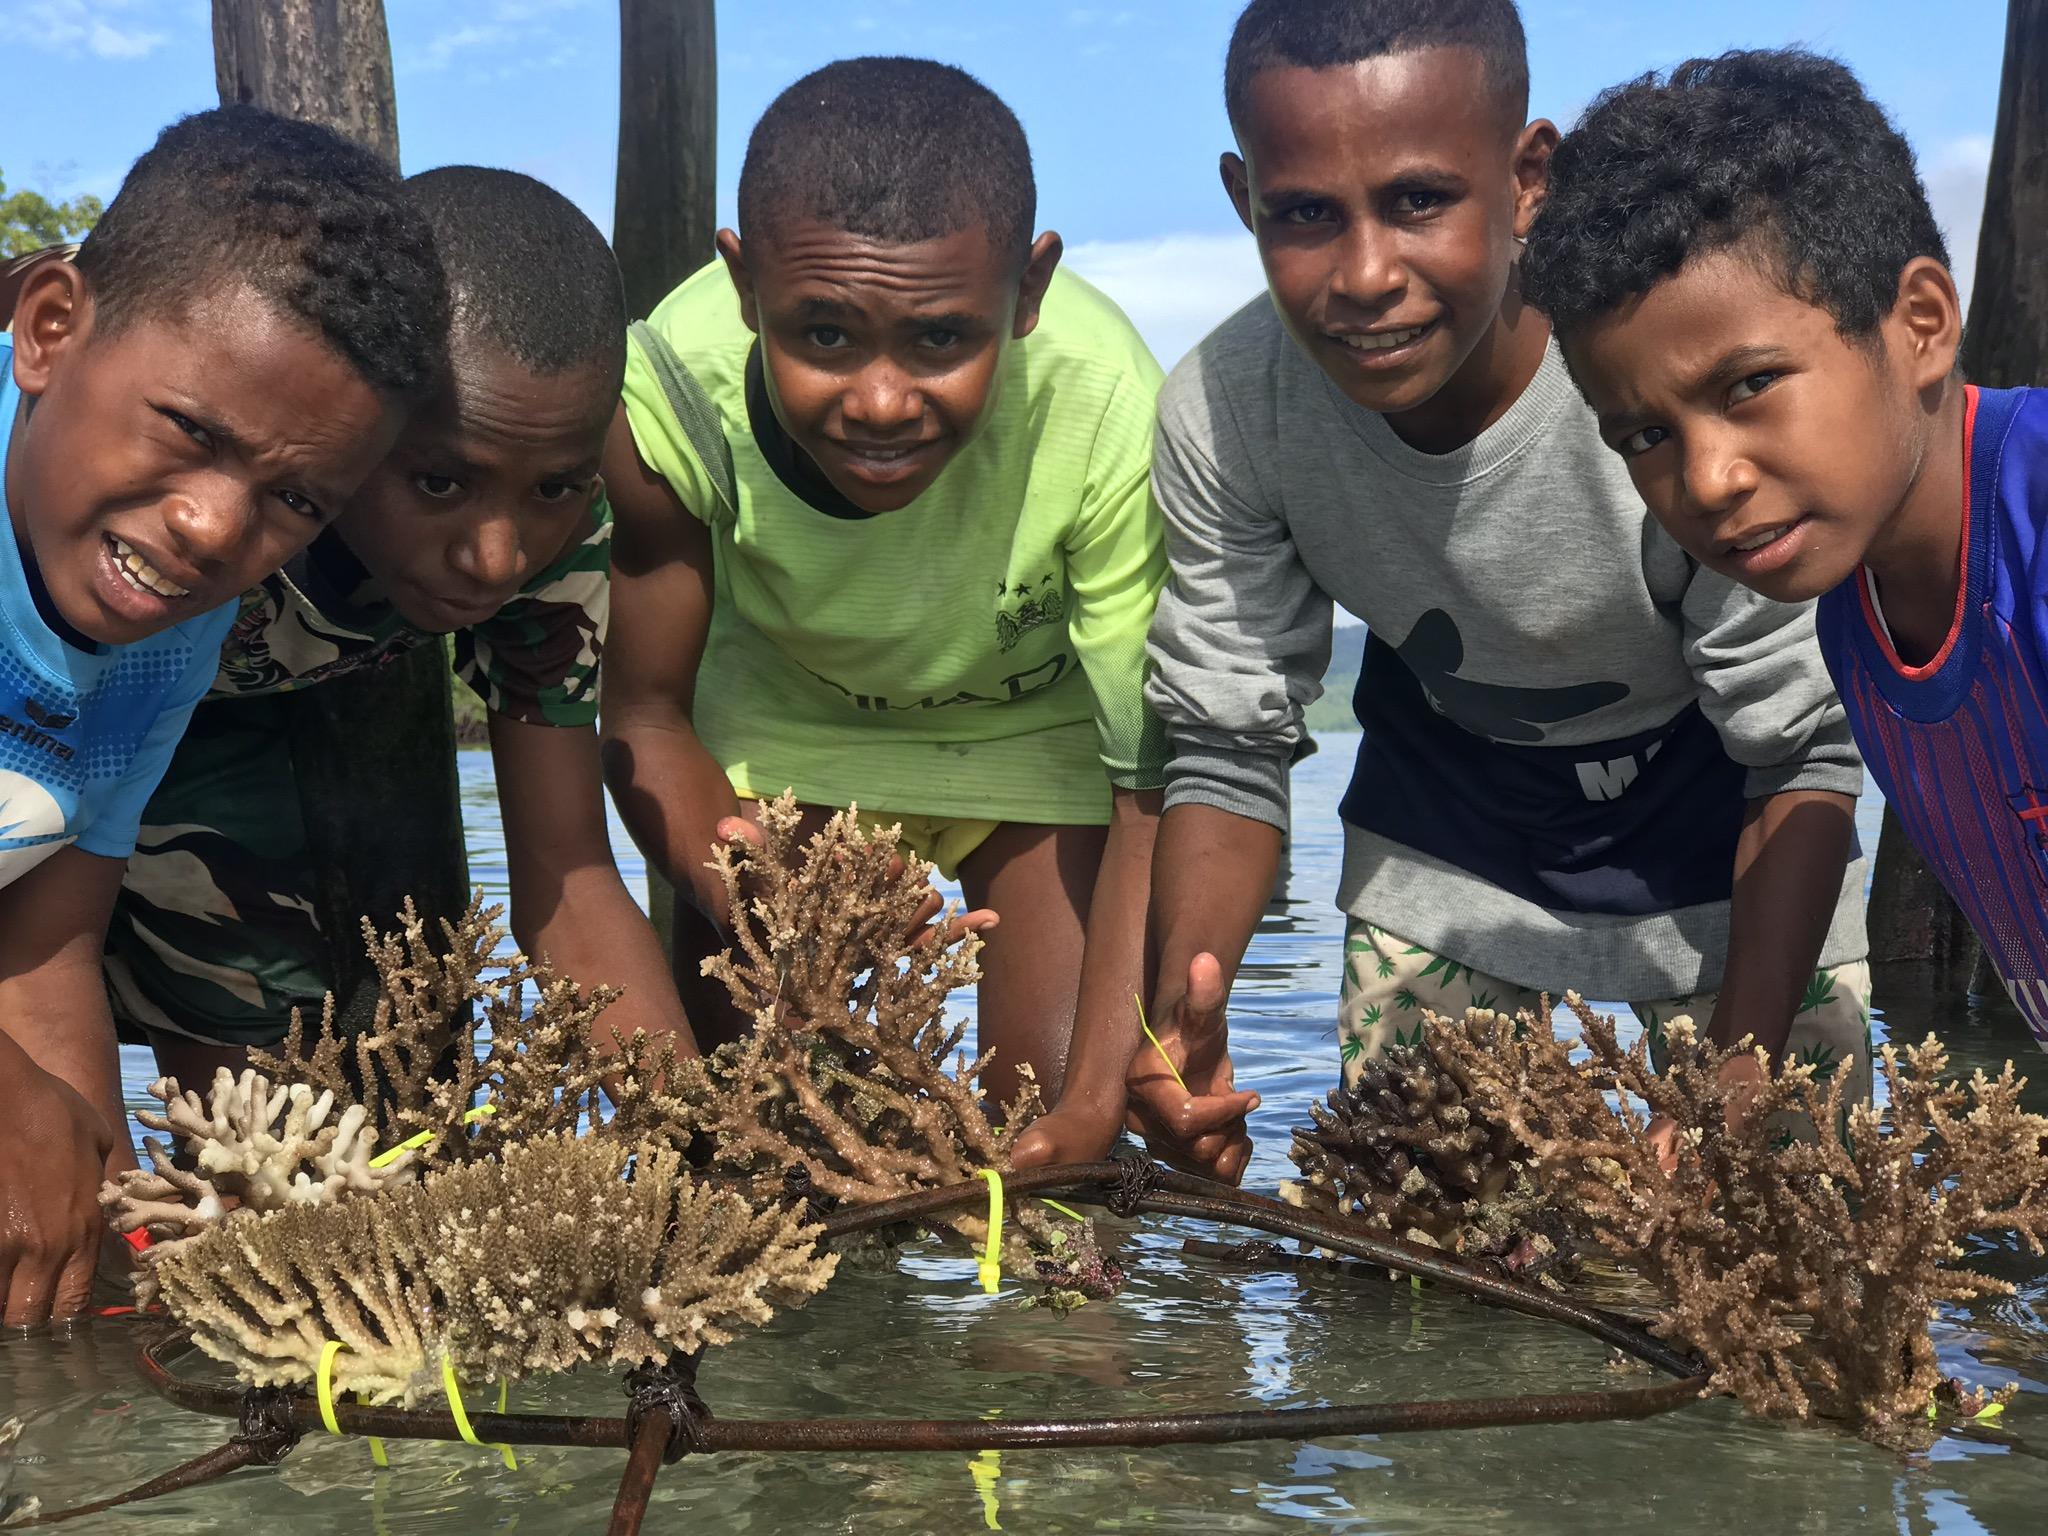 Unsere Schūler bauen ihren eigenen Korallengarten an